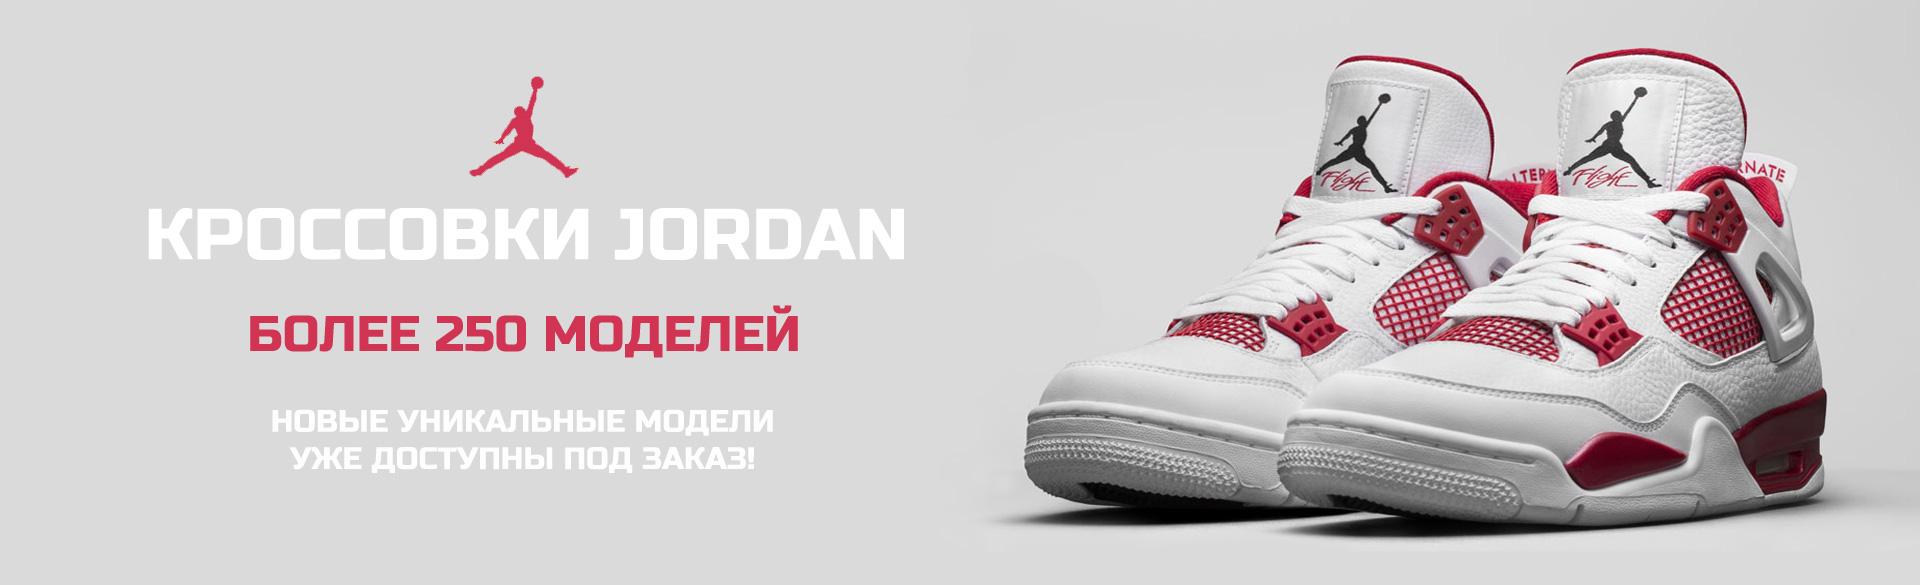 Купить кроссовки Jordan